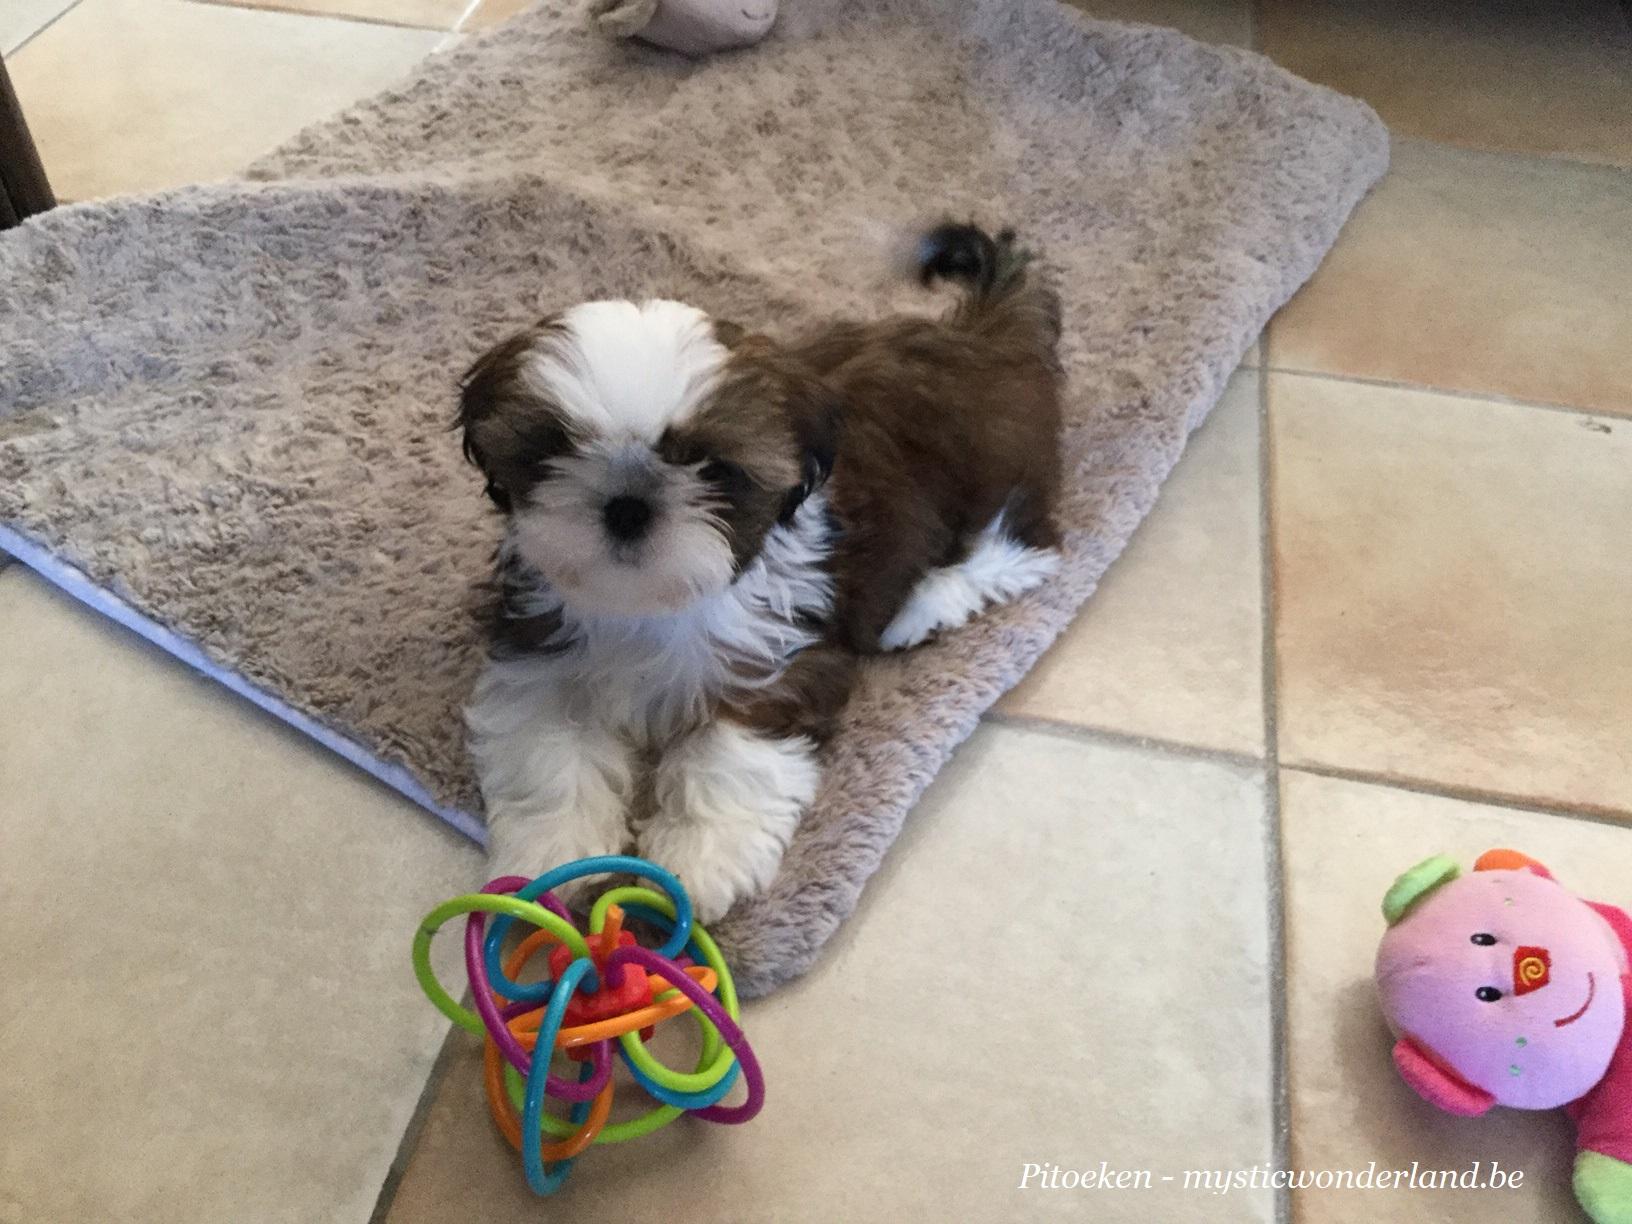 Puppy shih-tzu Mysticwonderland